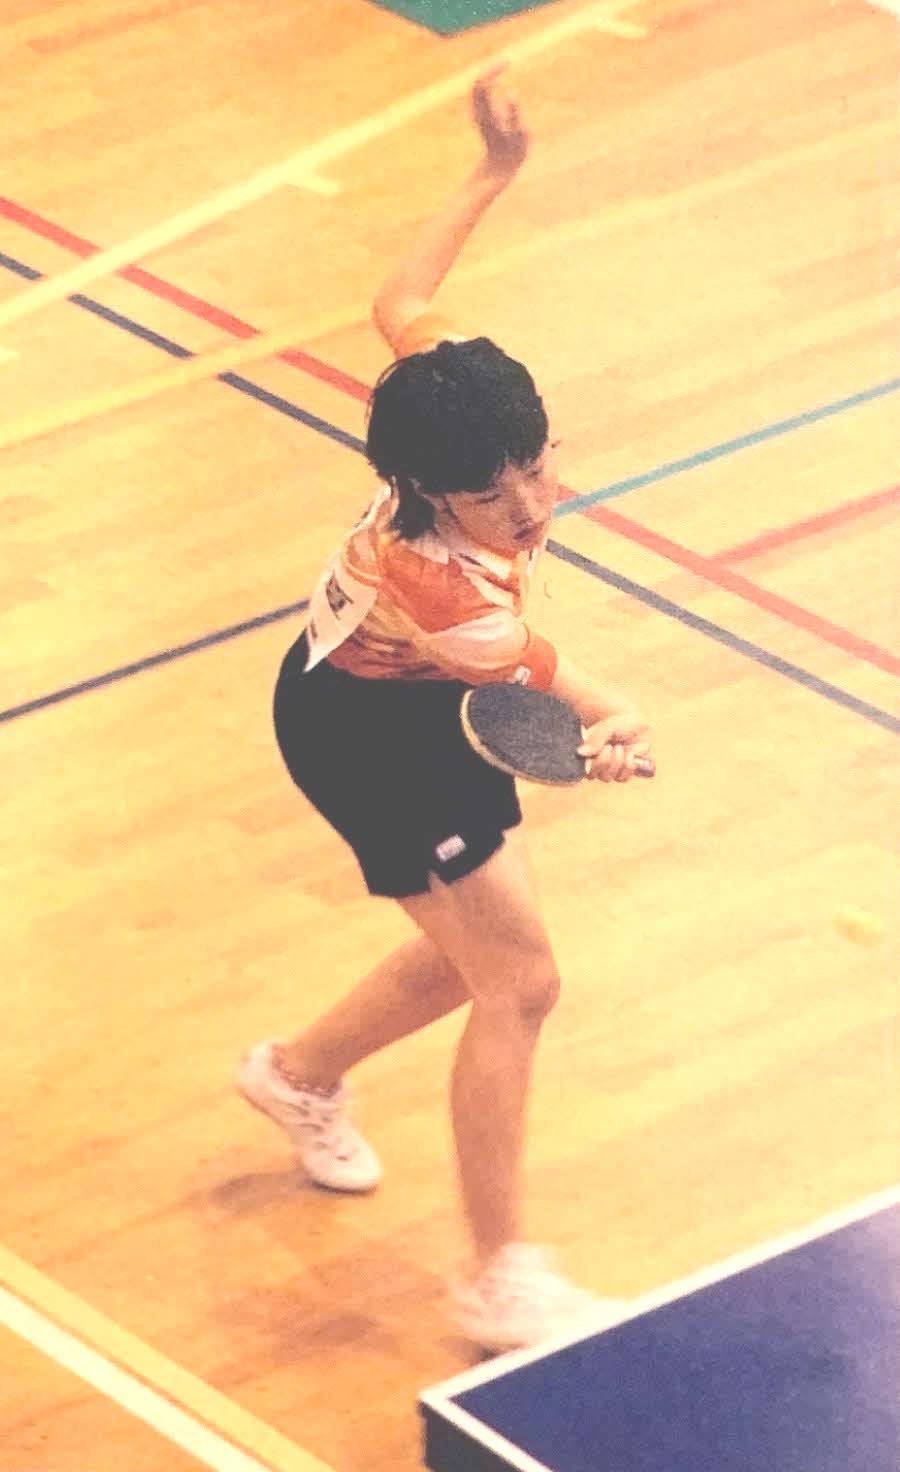 カットマンとして活躍していた中学時代の横澤夏子